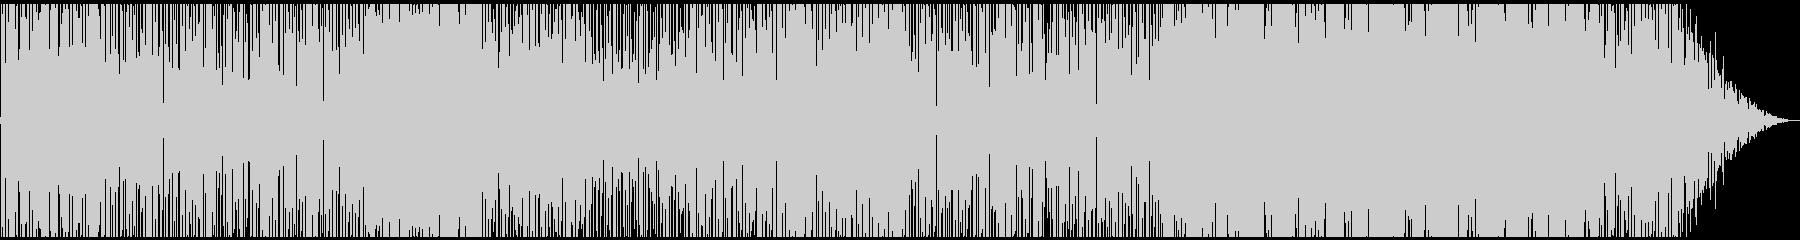 サックスメロディーのかっこいいファンク の未再生の波形